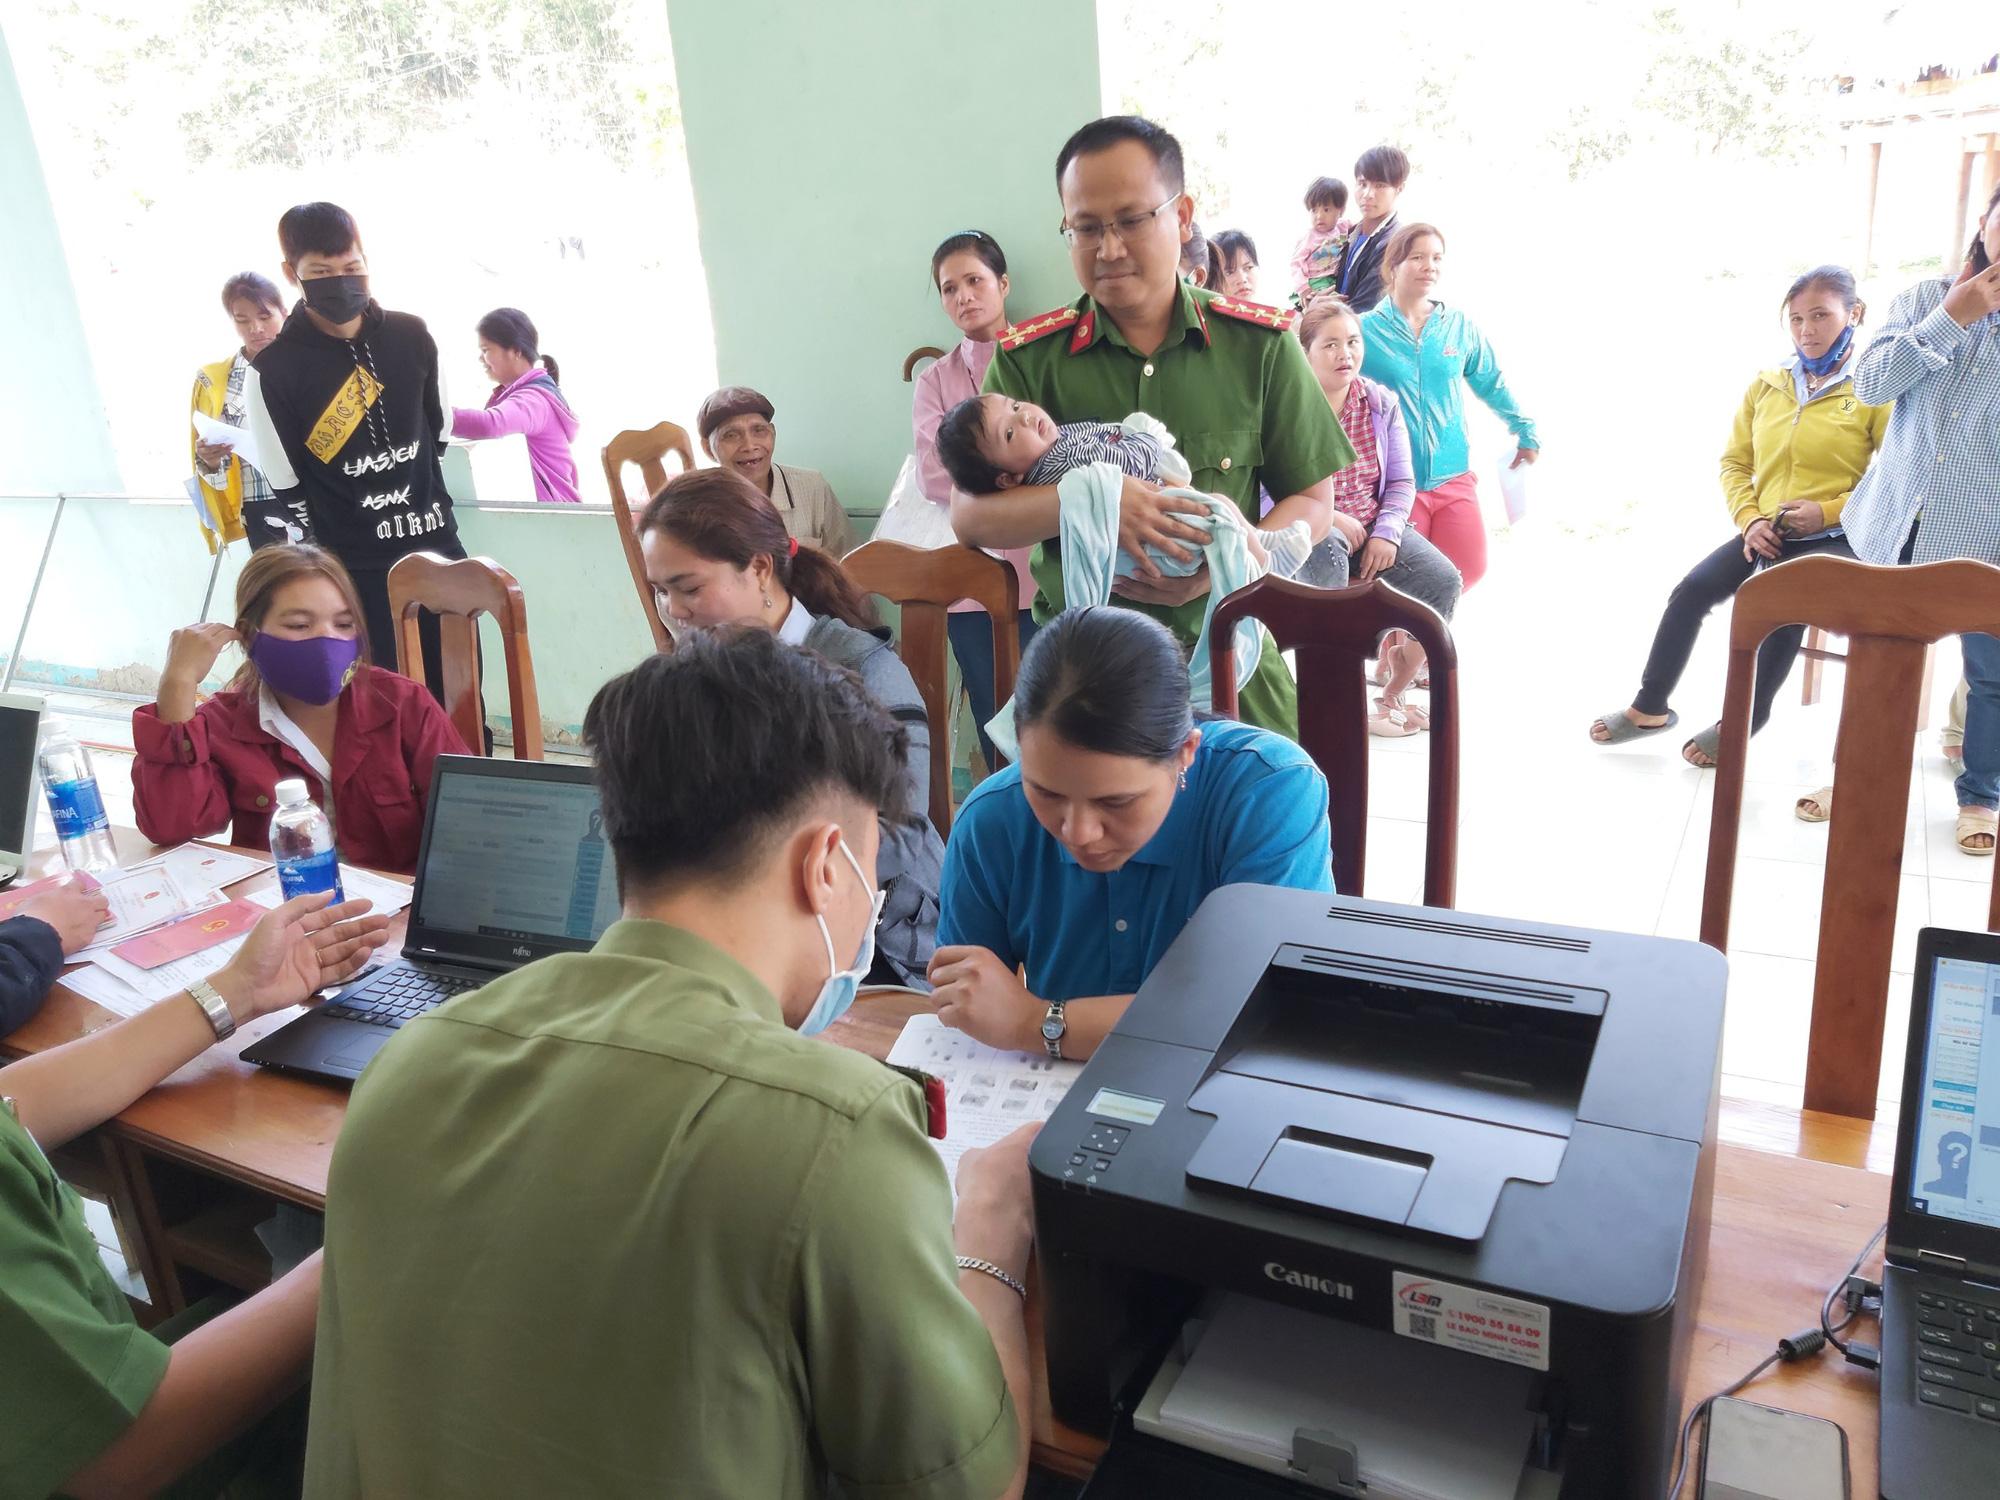 Quảng Nam: Băng rừng, lội suối để làm căn cước công dân ở vùng biên giới   - Ảnh 1.